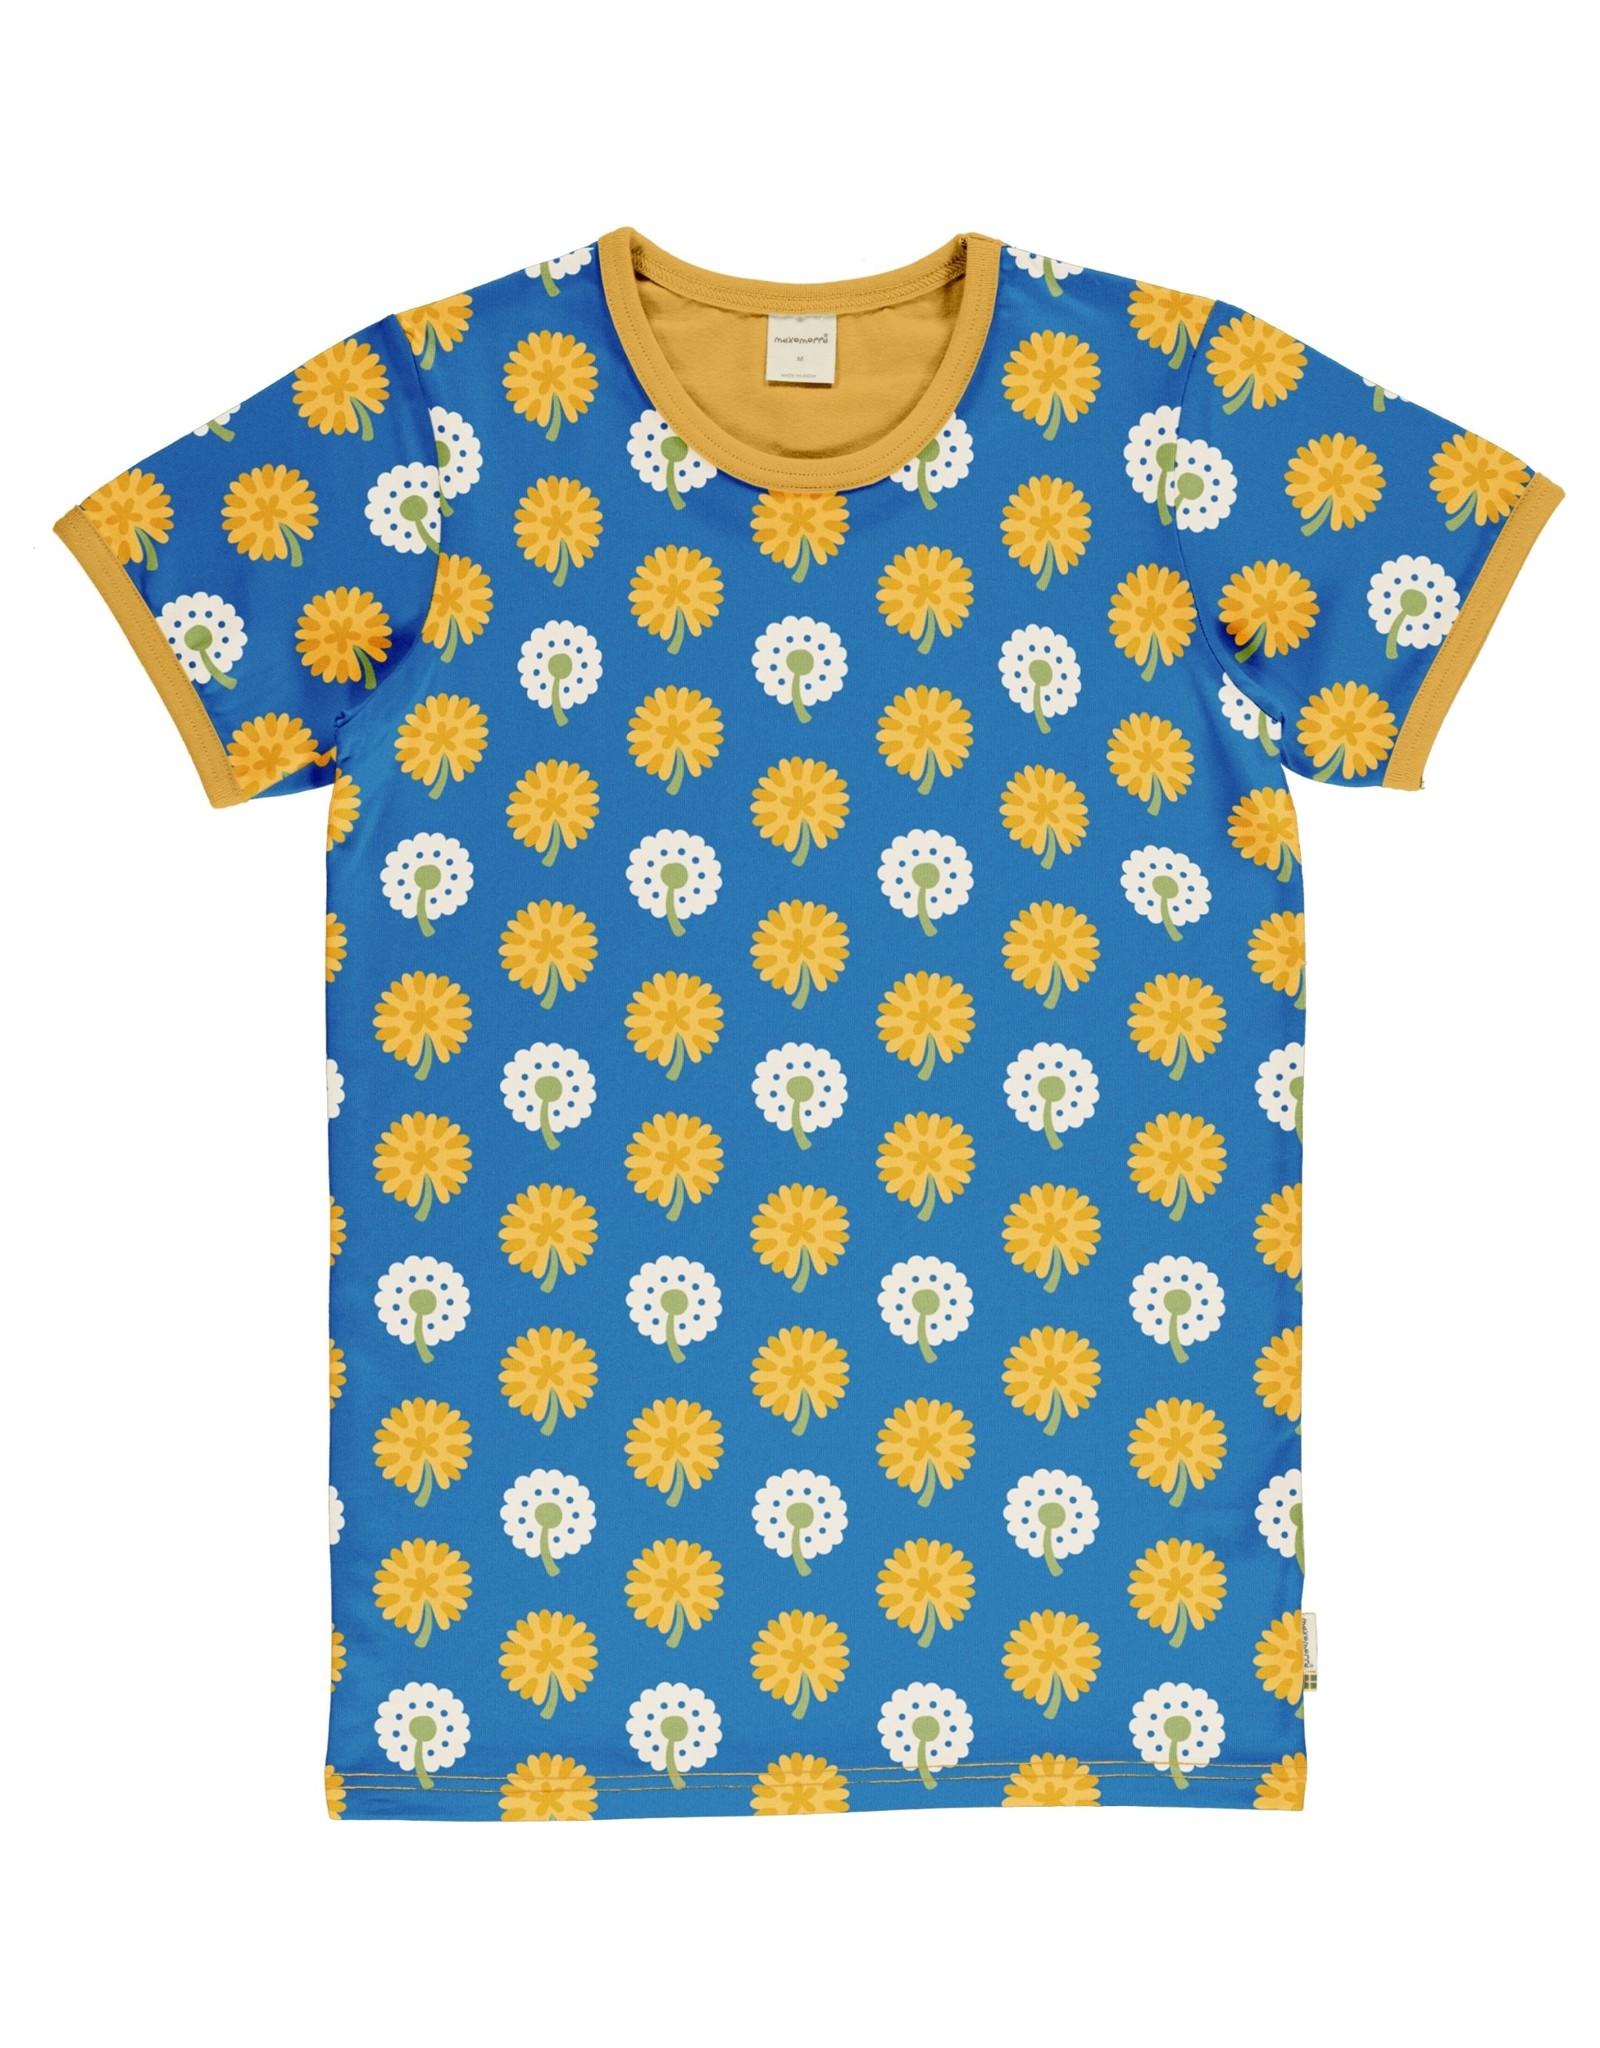 Maxomorra VOLWASSENEN t-shirt met paardebloem print